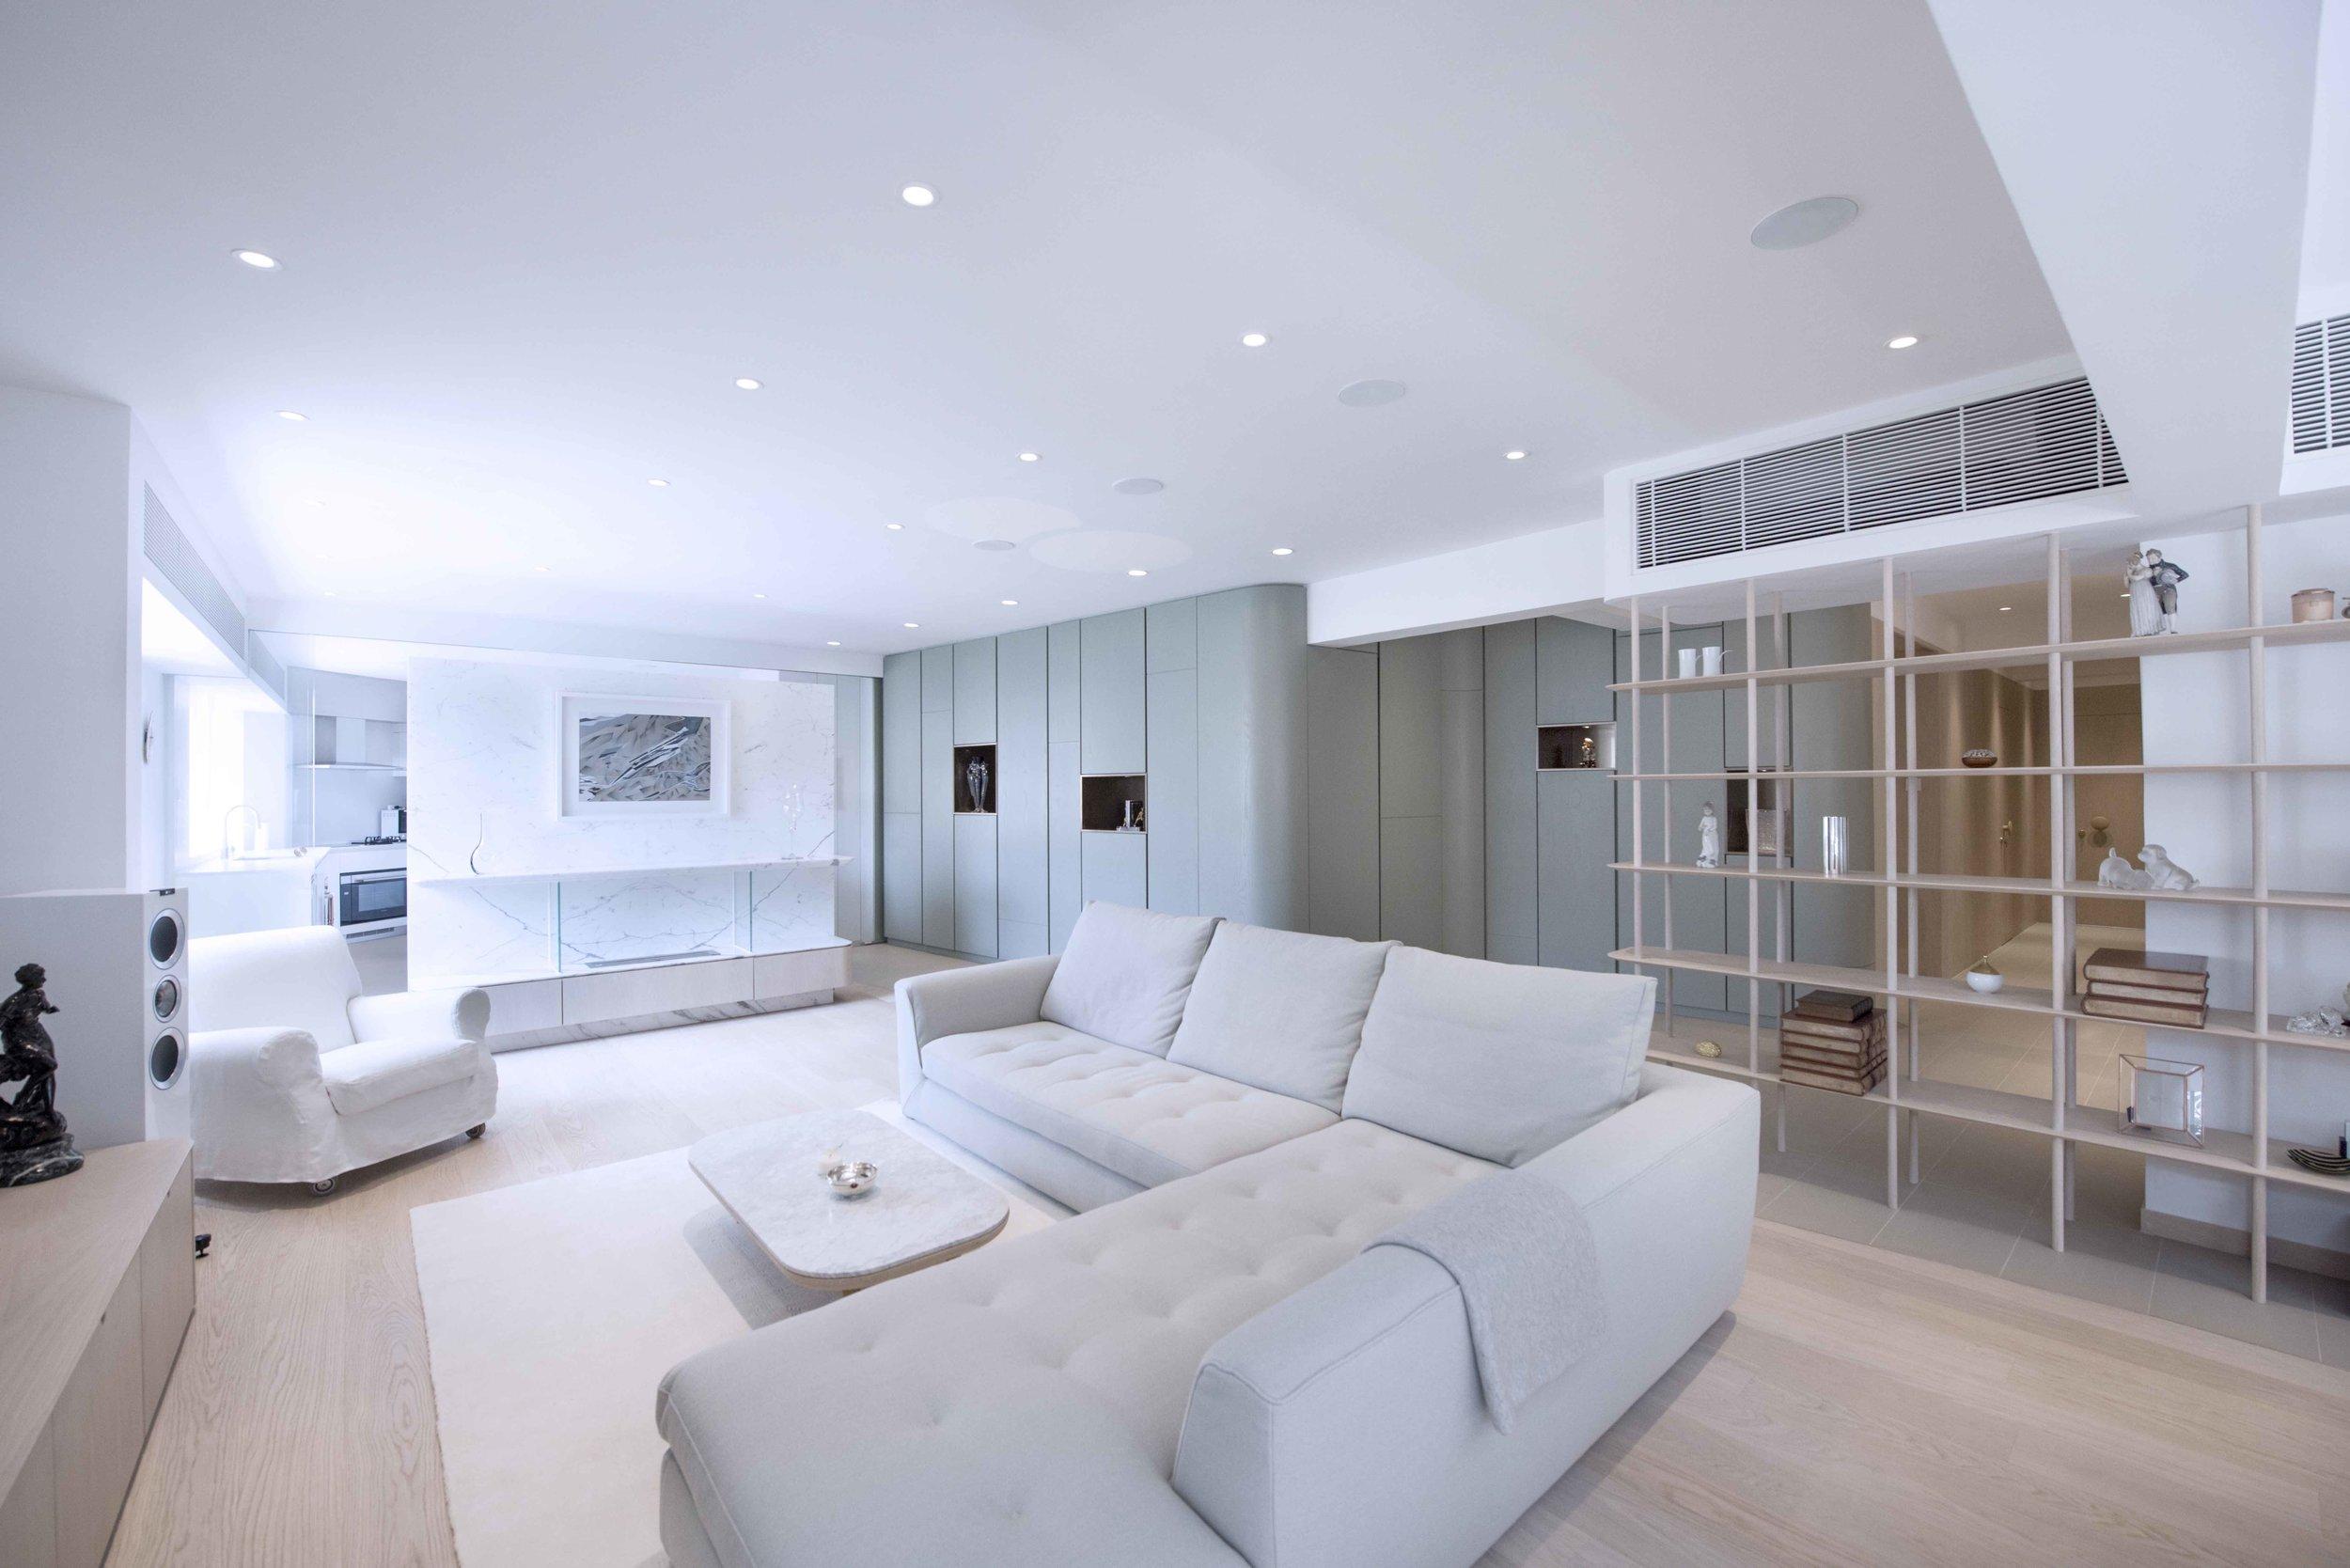 JS - Aluminium Windows in Hong Kong 香港優質鋁窗公司 – Aliplast - Fontana Garden豪園